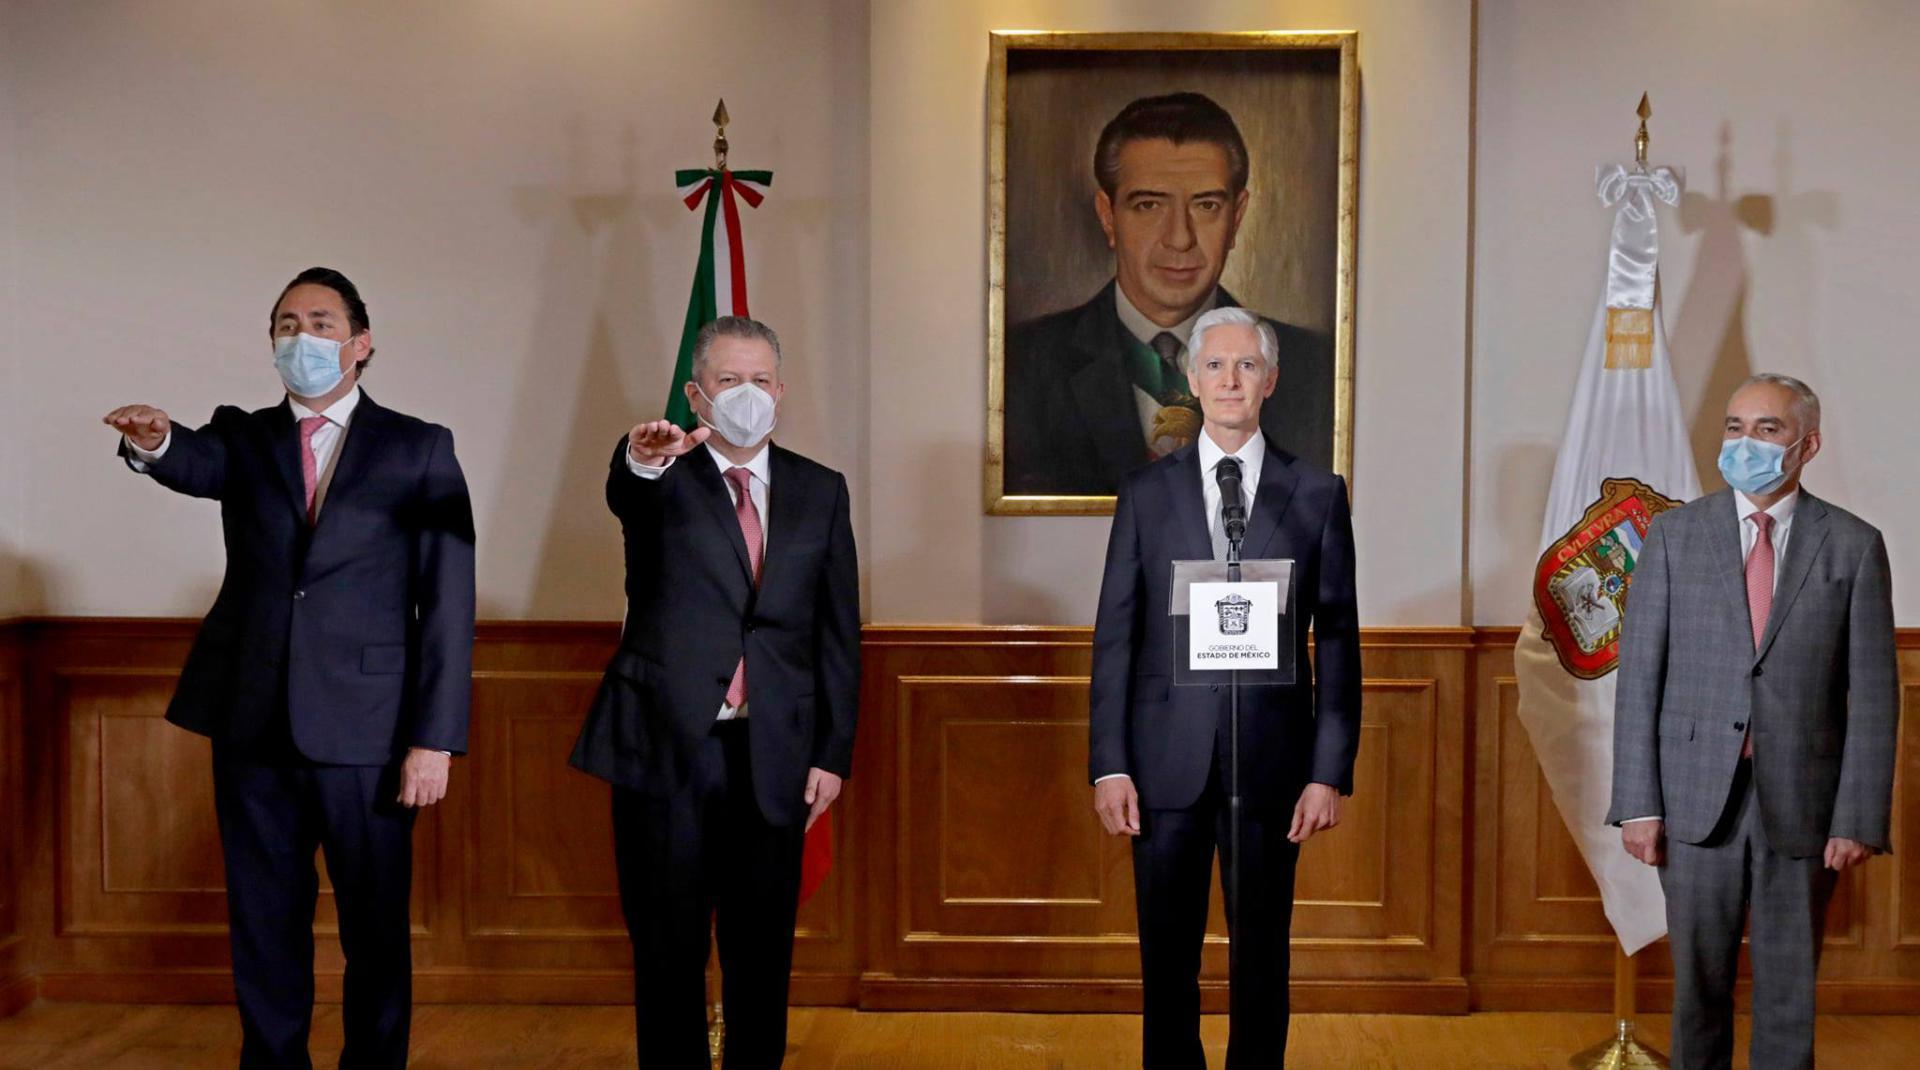 Francisco Fernández Clamont quedará como secretario de Salud, quien toma el lugar de Gabriel O´Shea y a Pablo Peralta como titular de la Secretaría de Desarrollo Económico